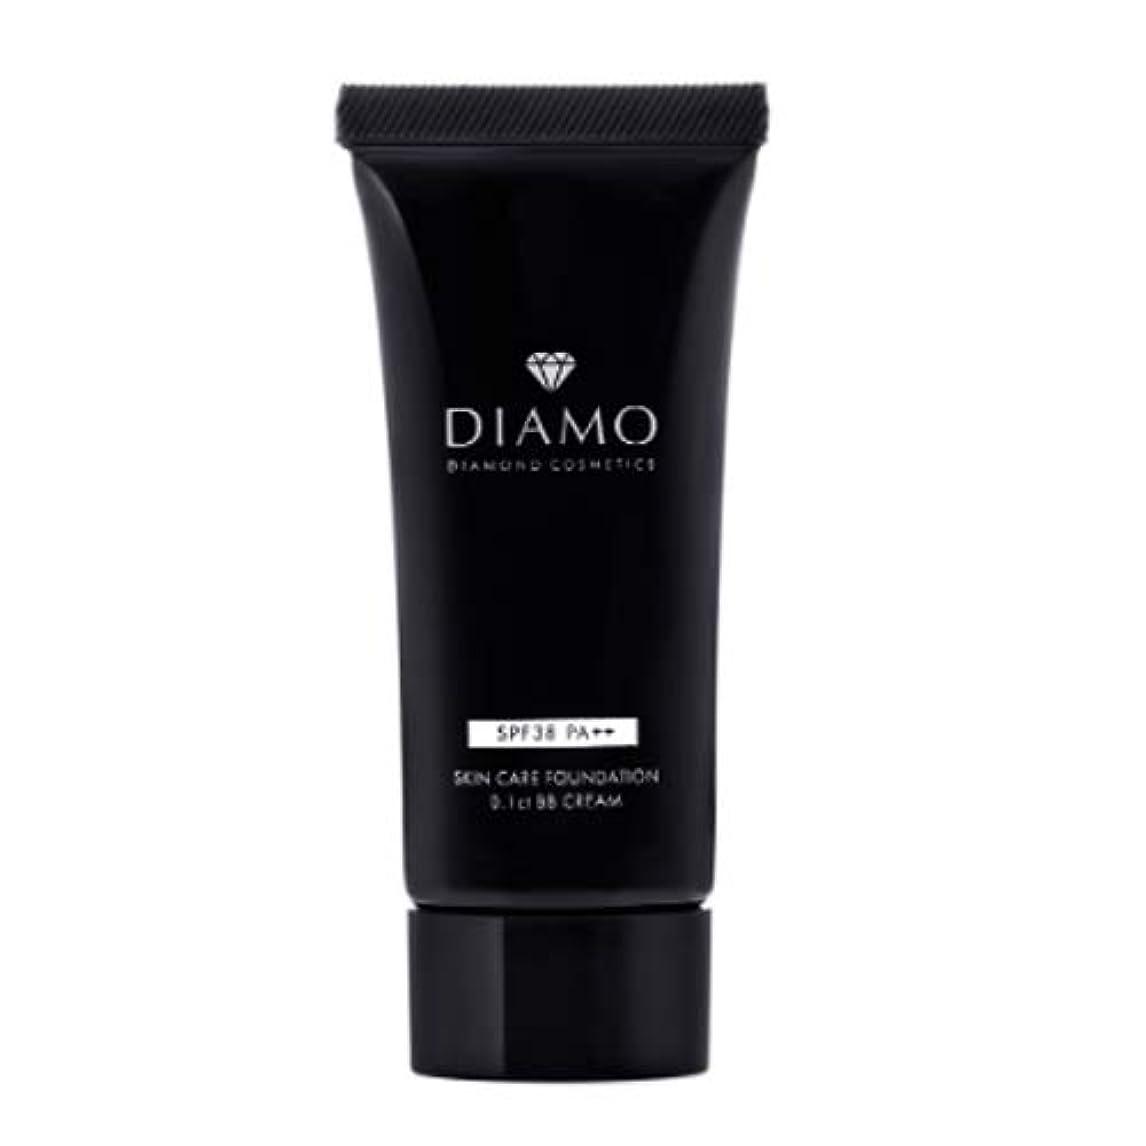 減らすフレット回転するディアモルーナ (diamo luna) BBクリーム